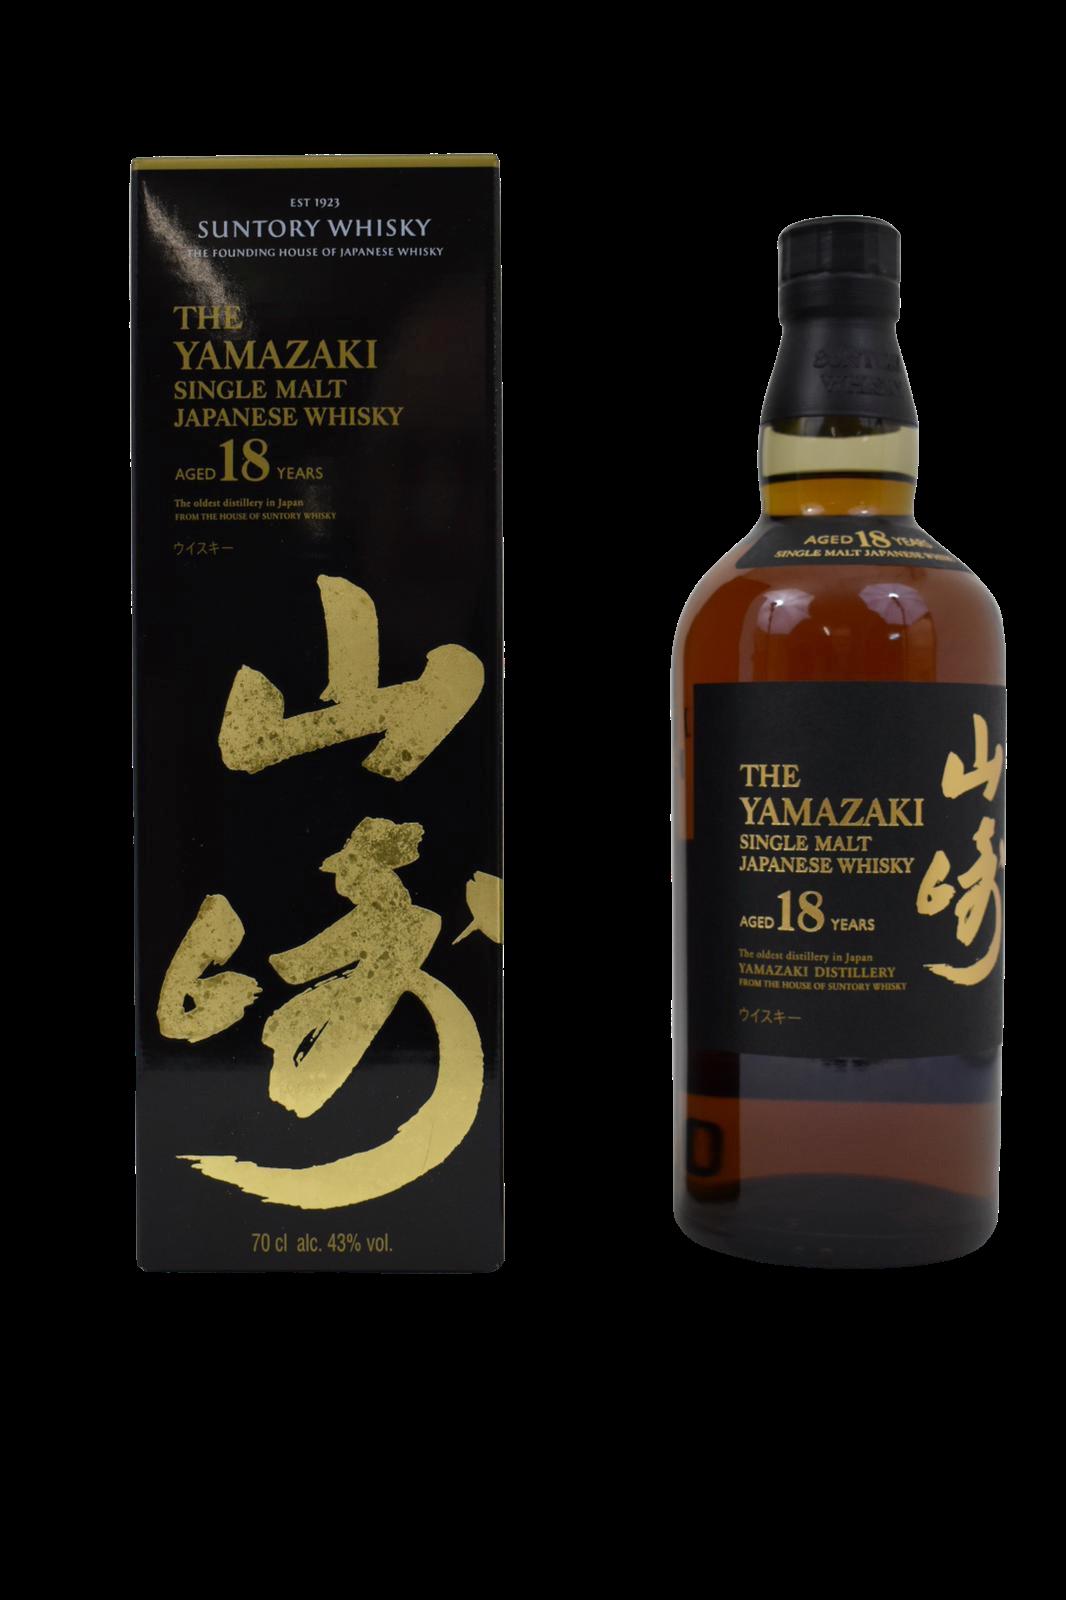 Whisky YAMAZAKI Single Malt aged 18 years